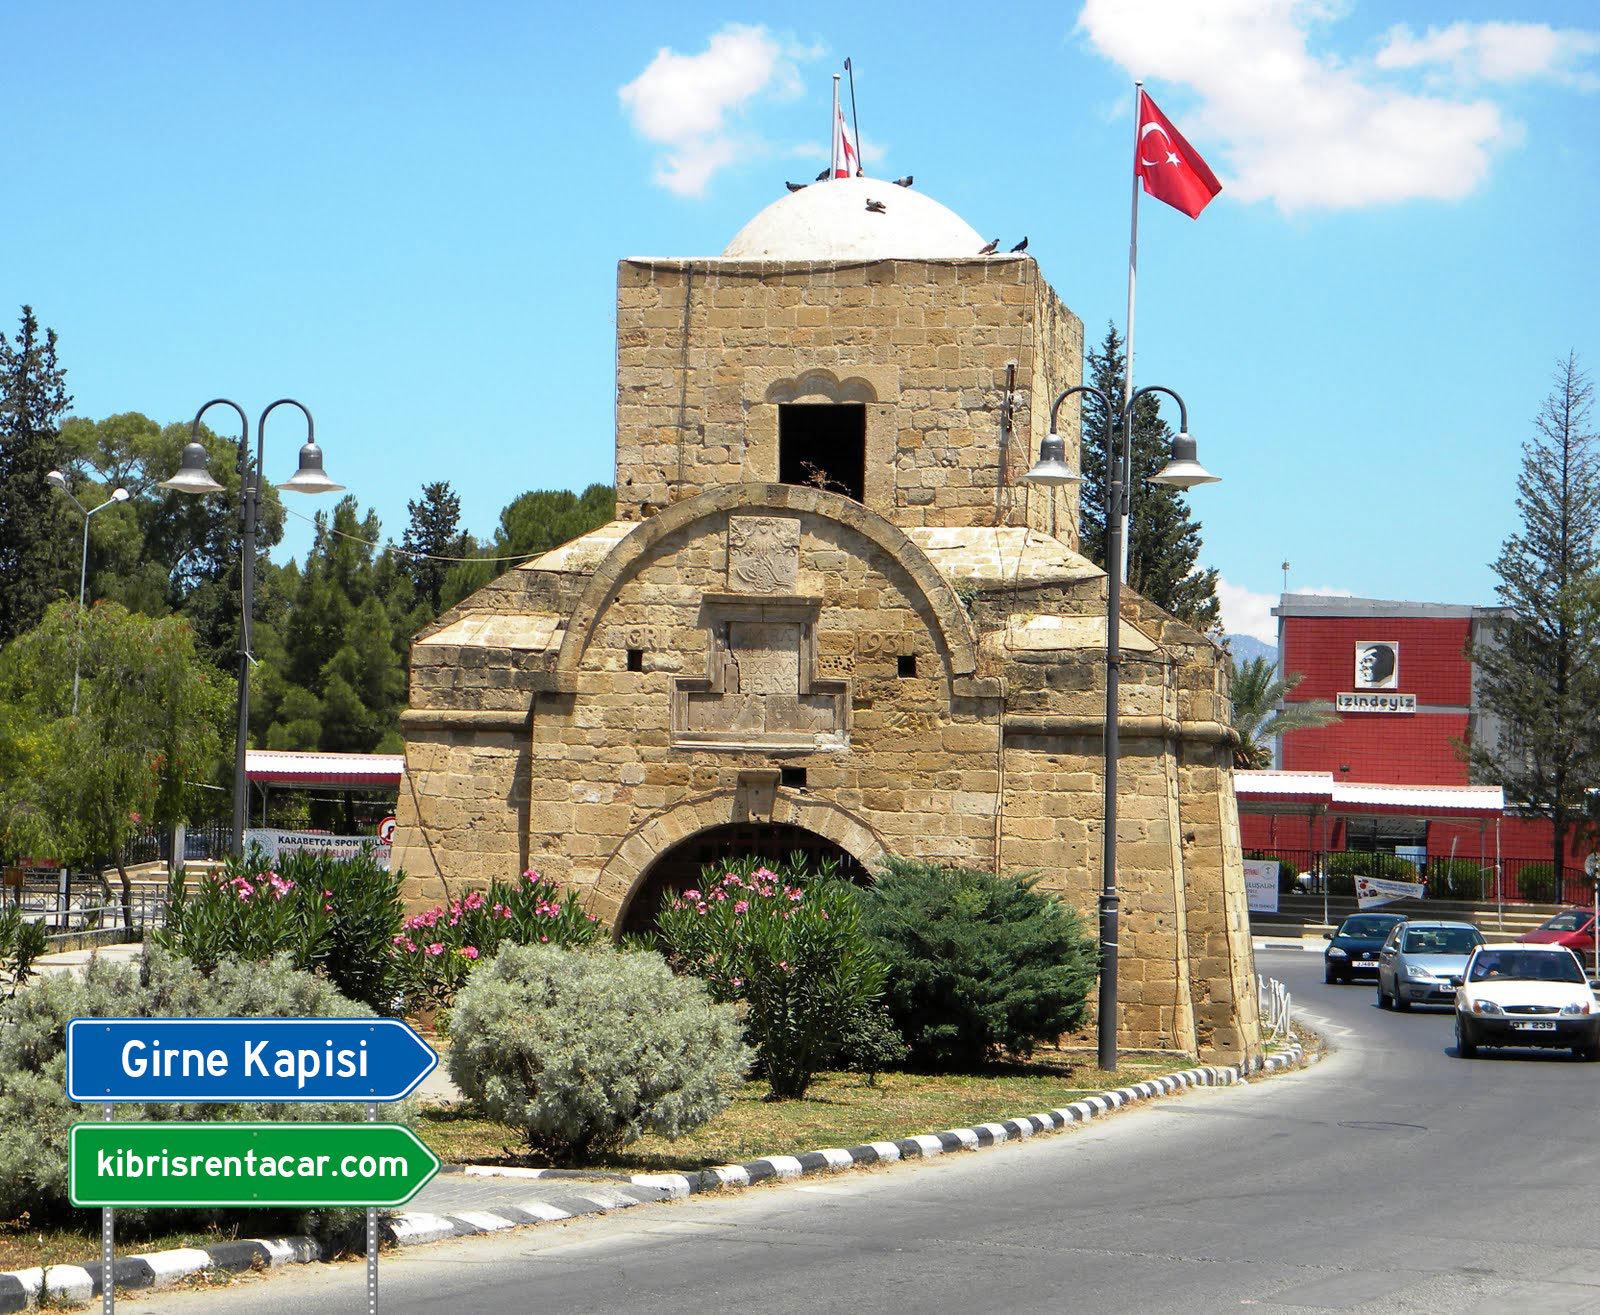 Kıbrıs Lefkoşa Girne Kapısı